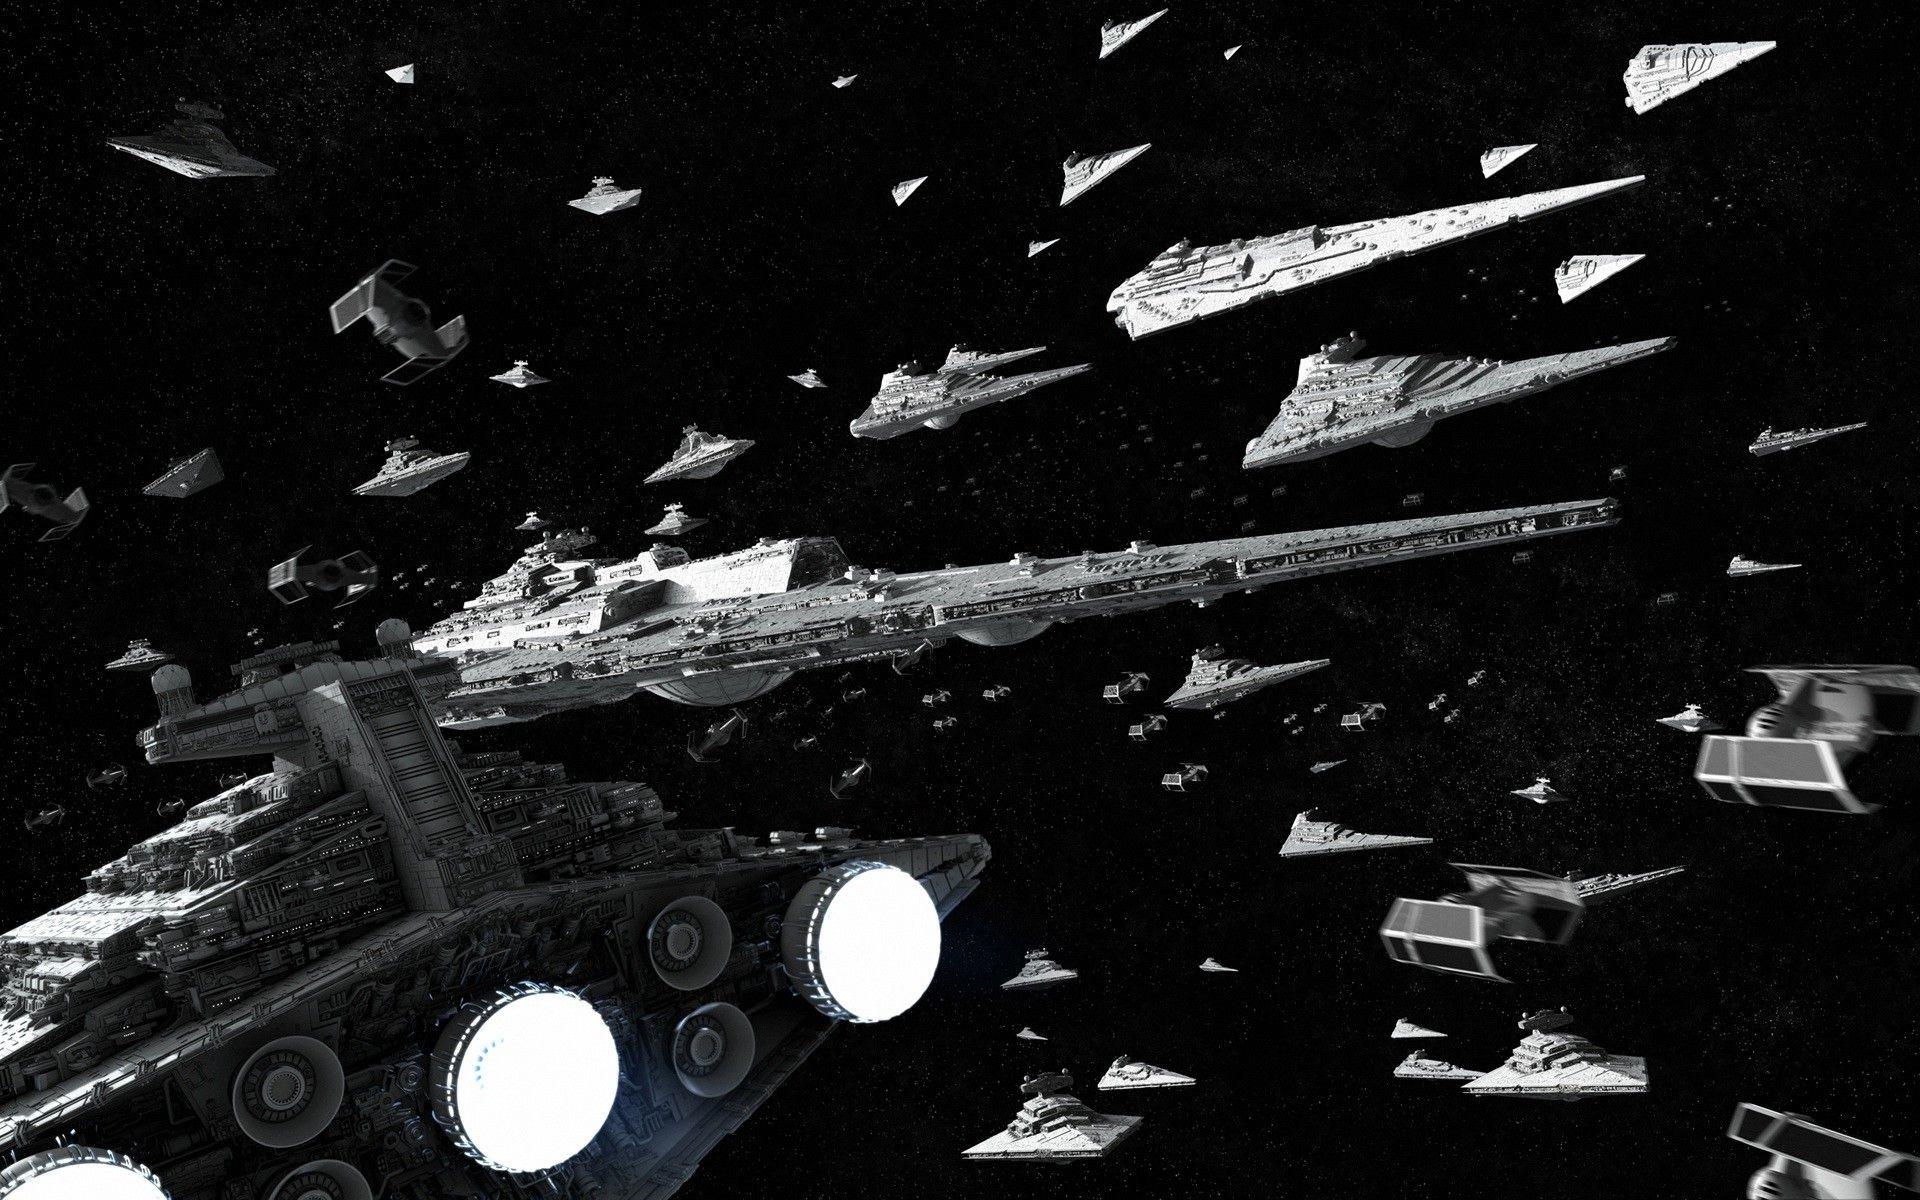 Star Wars, Star Destroyer, Super Star Destroyer, TIE Fighter .